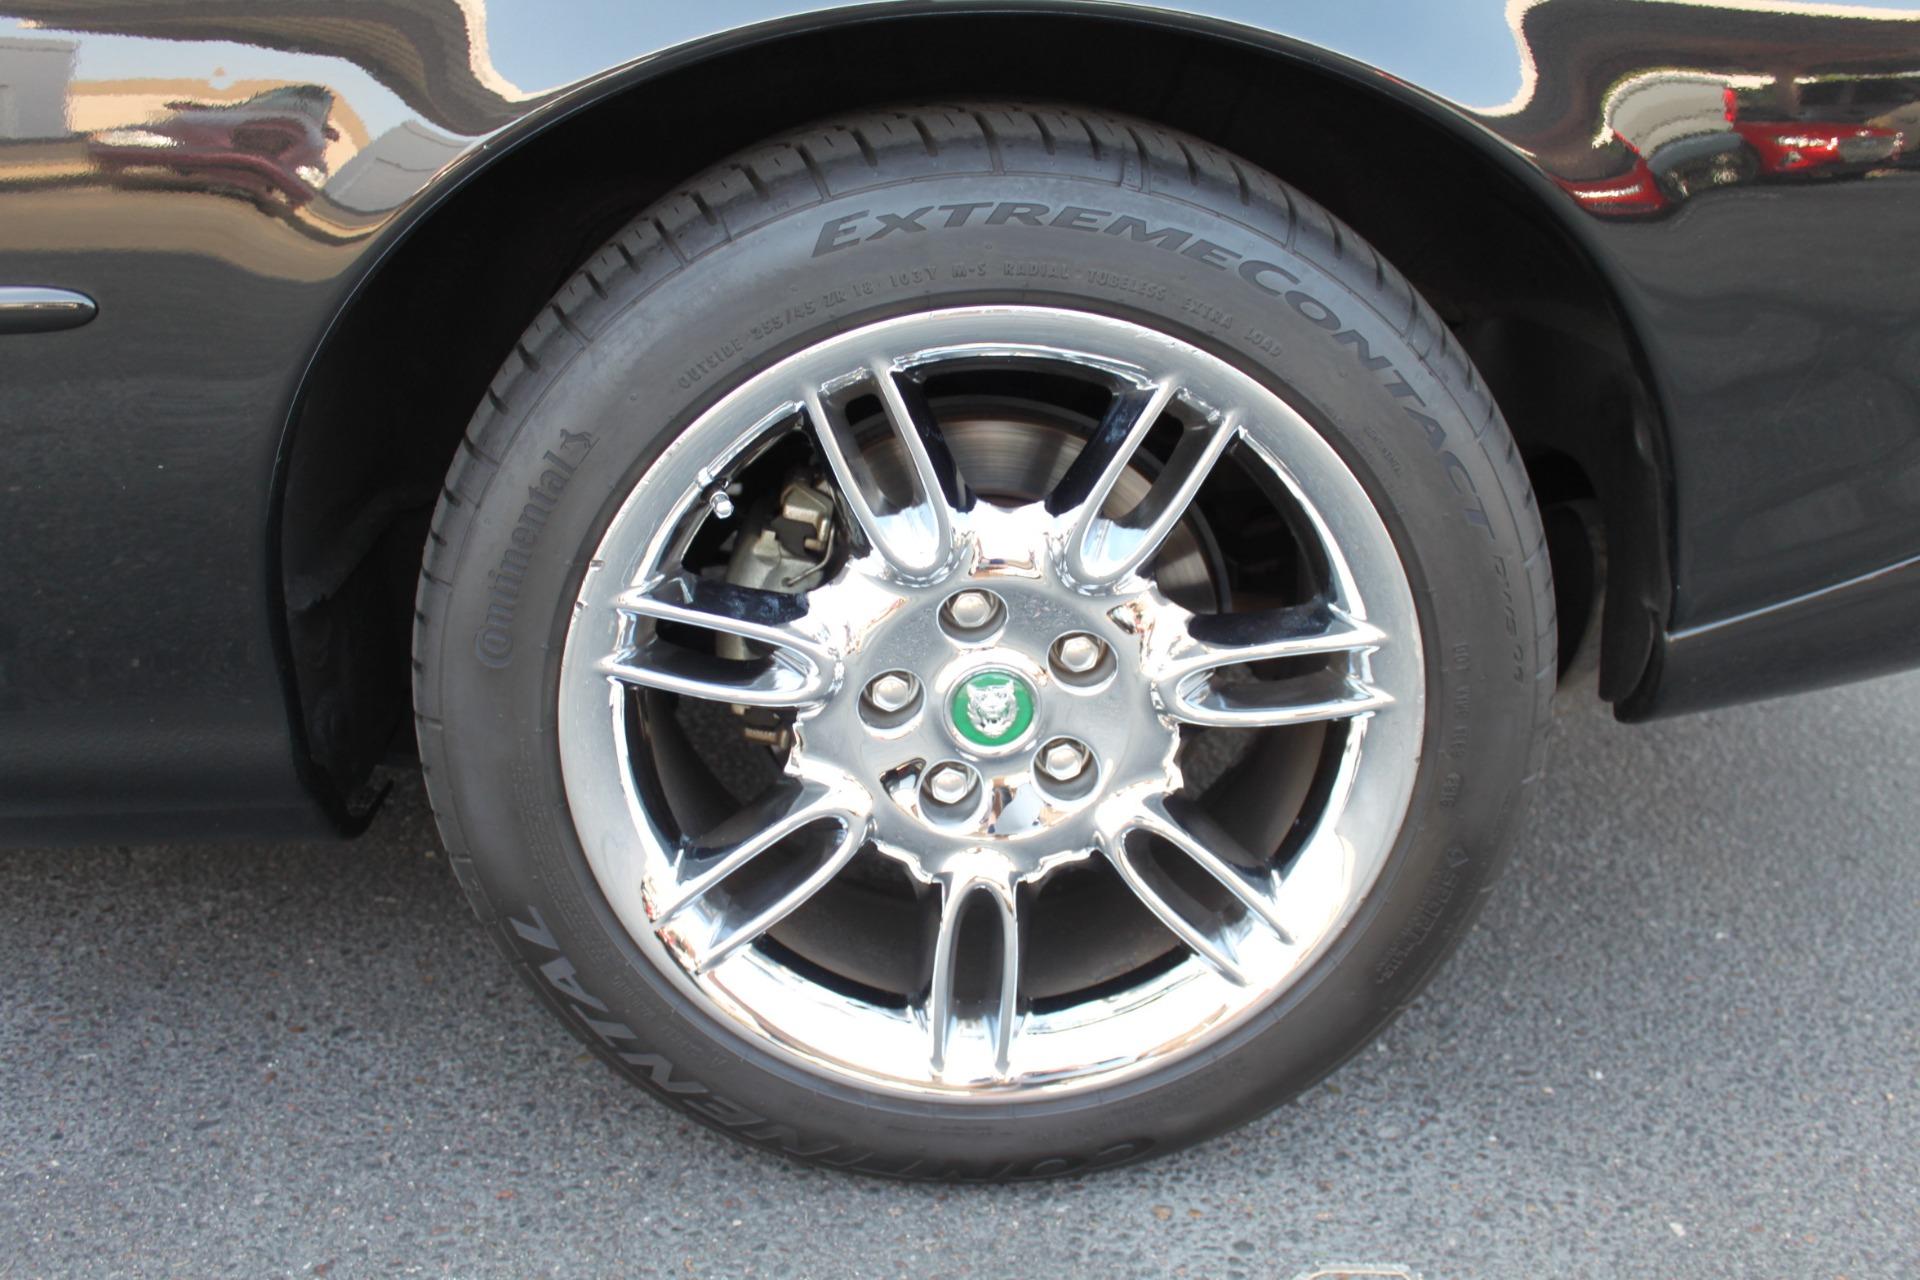 Used-2002-Jaguar-XK8-Convertible-XK8-Dodge